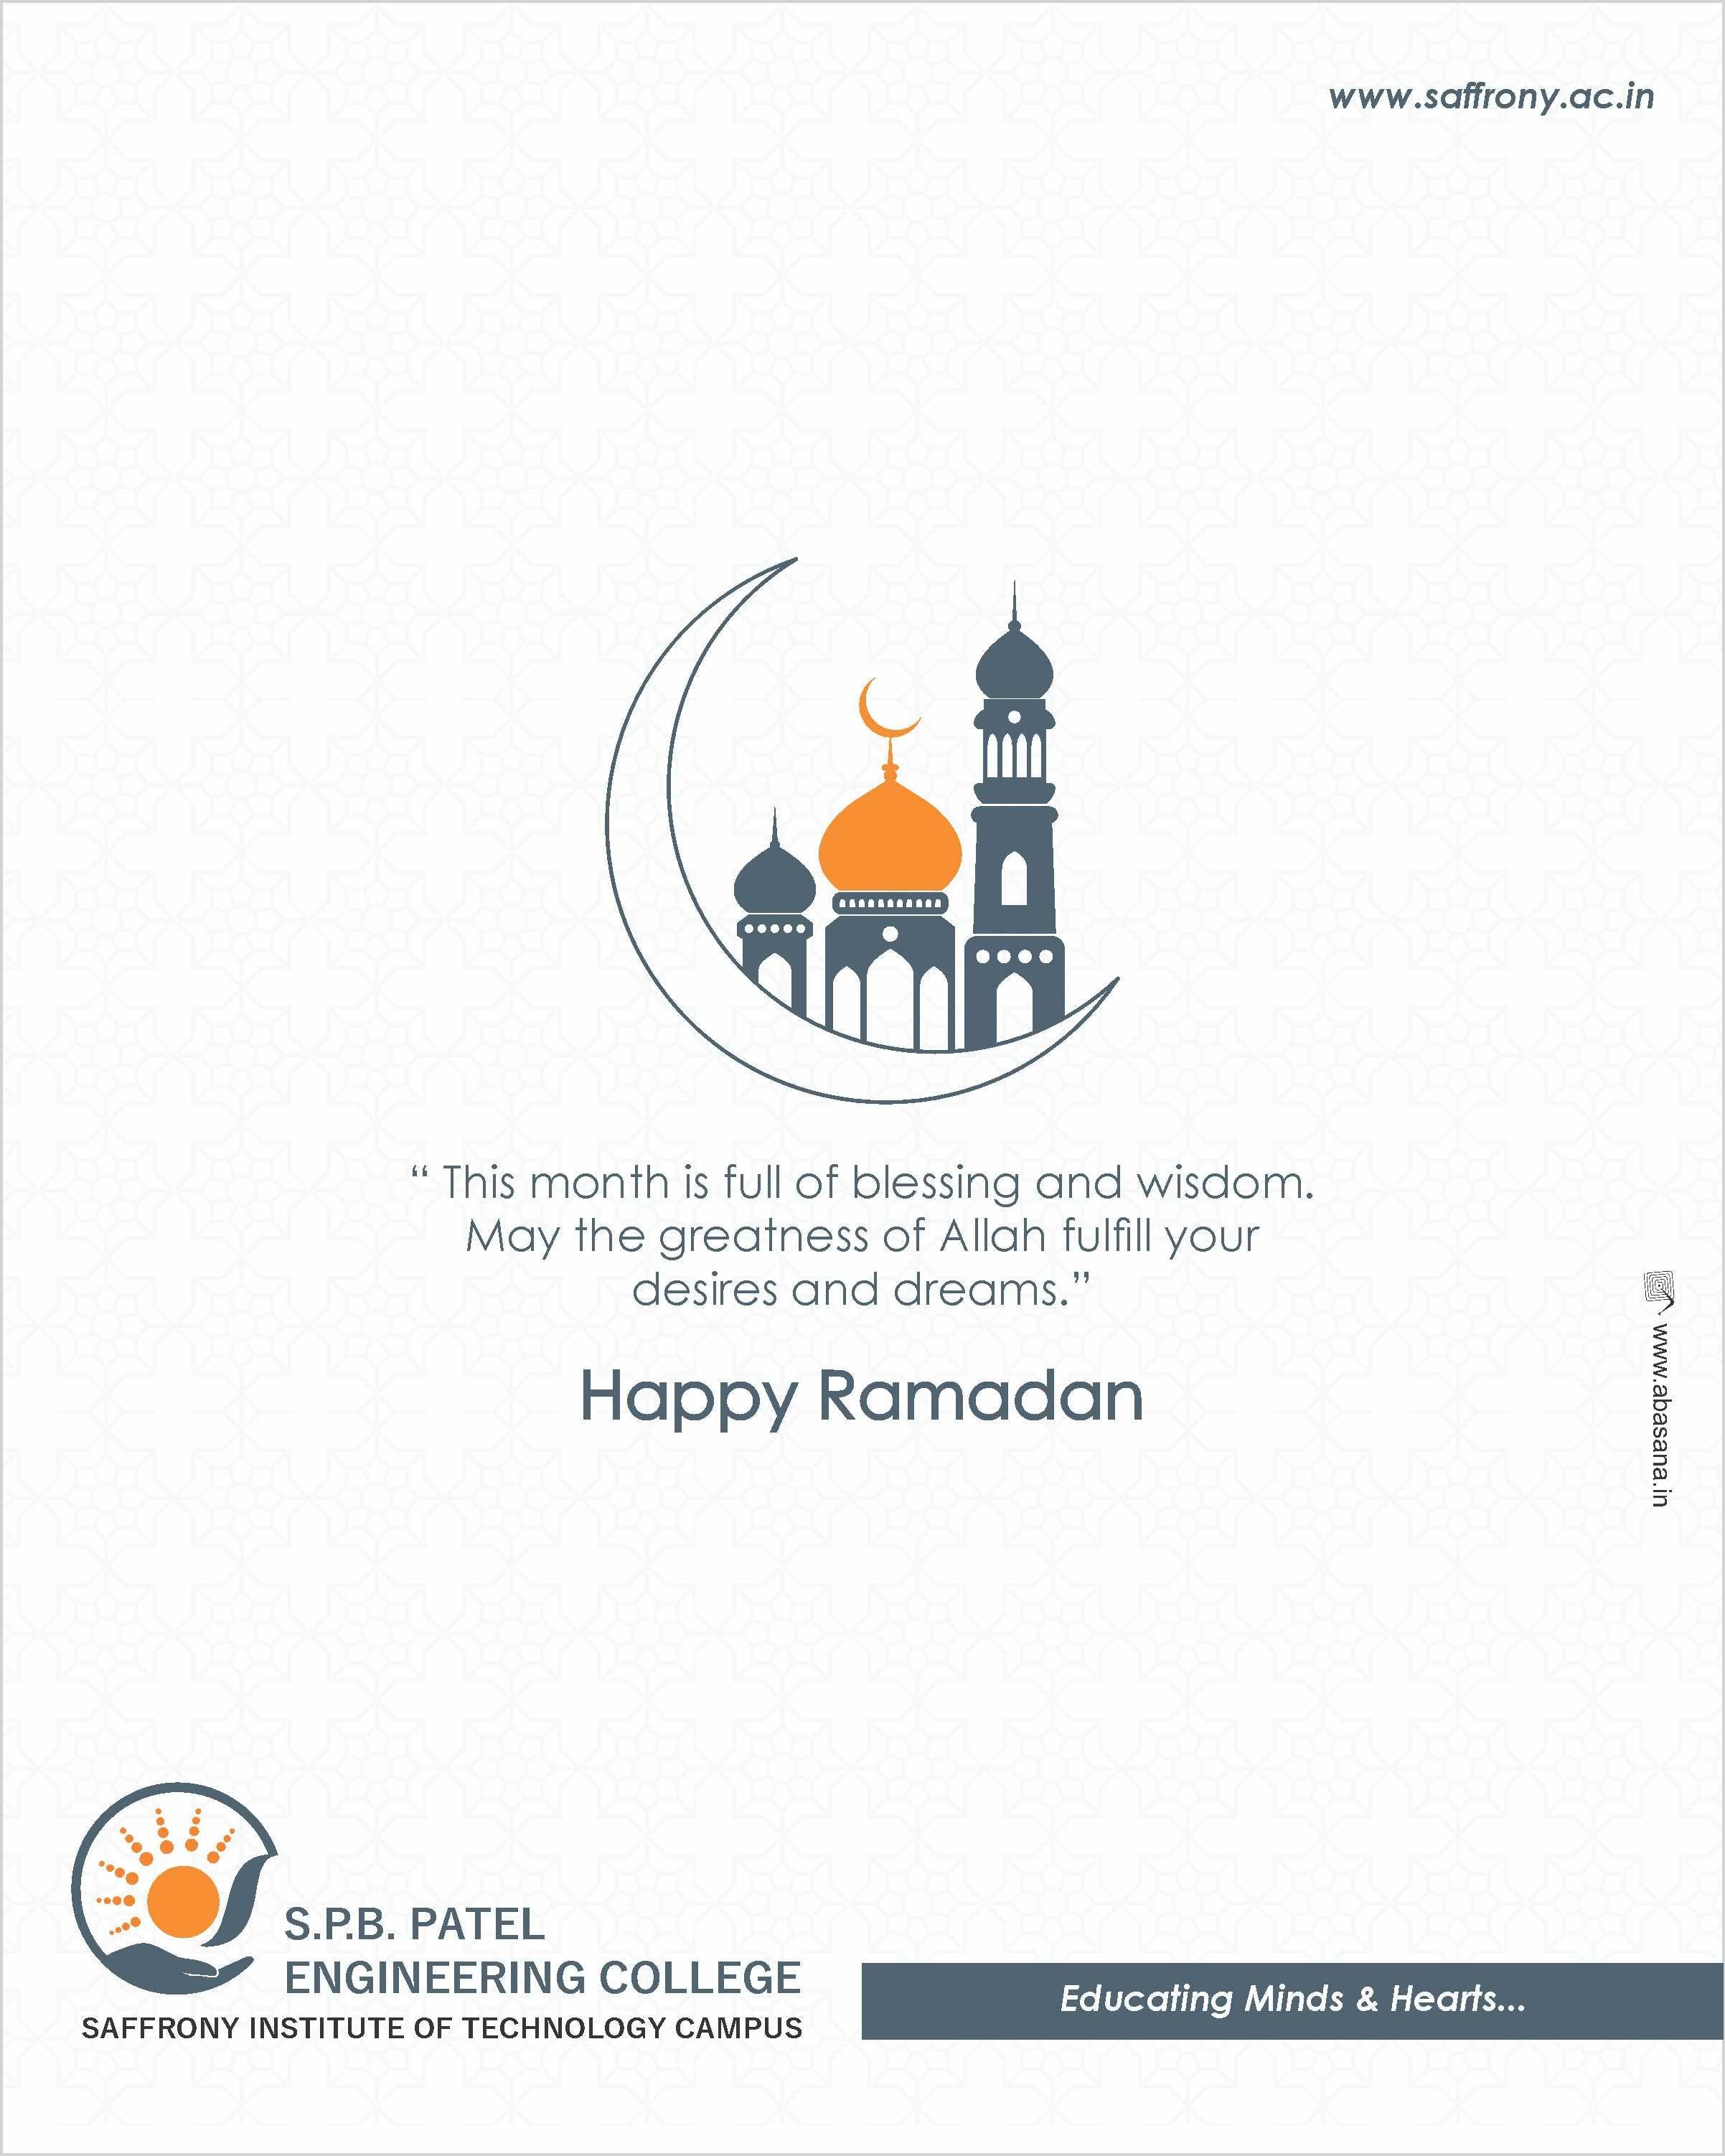 Eid Mubarak Eid Mubarak Greetings Eid Card Designs Eid Mubarak Greeting Cards